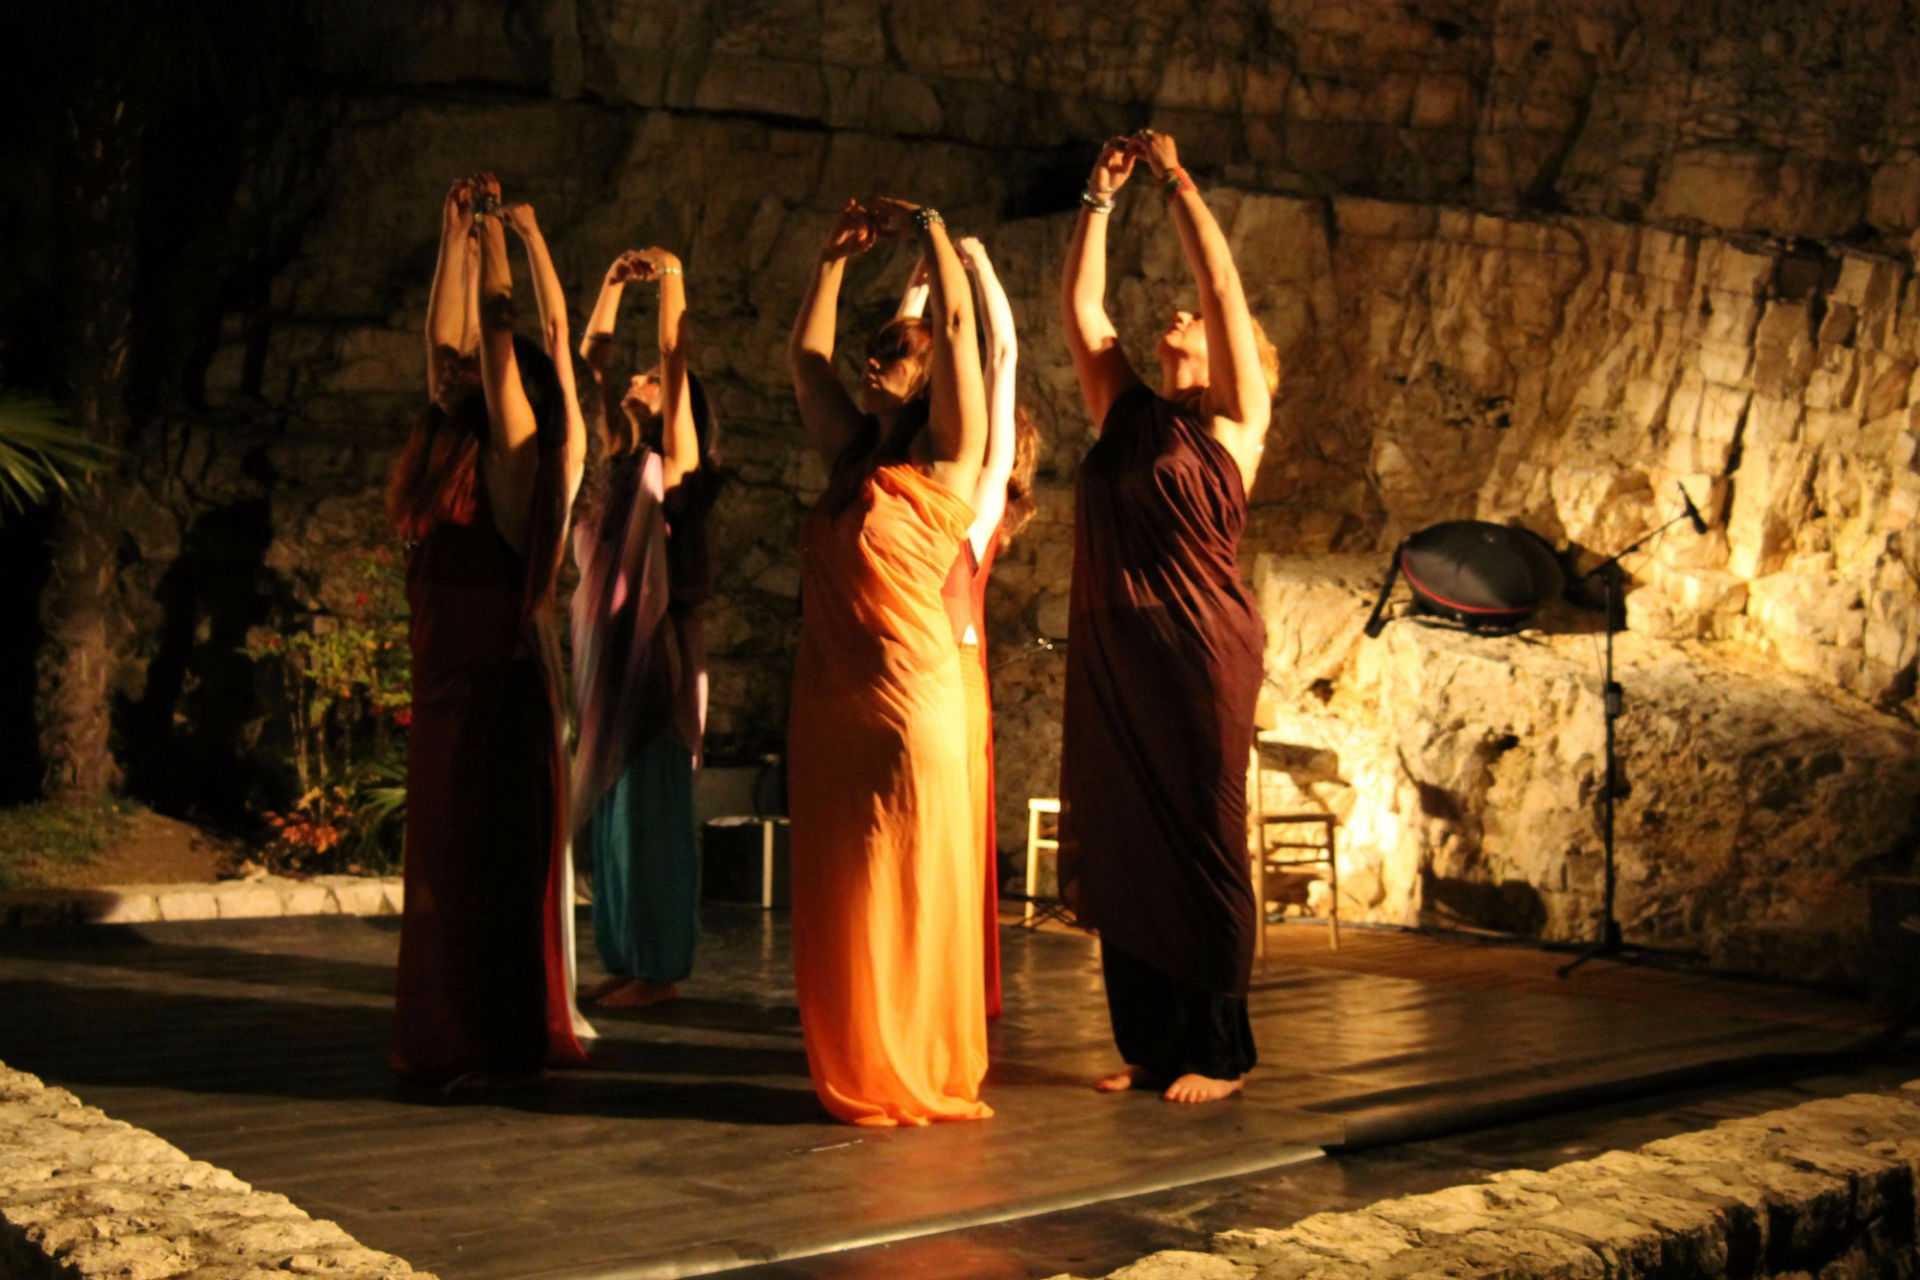 La Fenice – danza e giochi con il fuoco